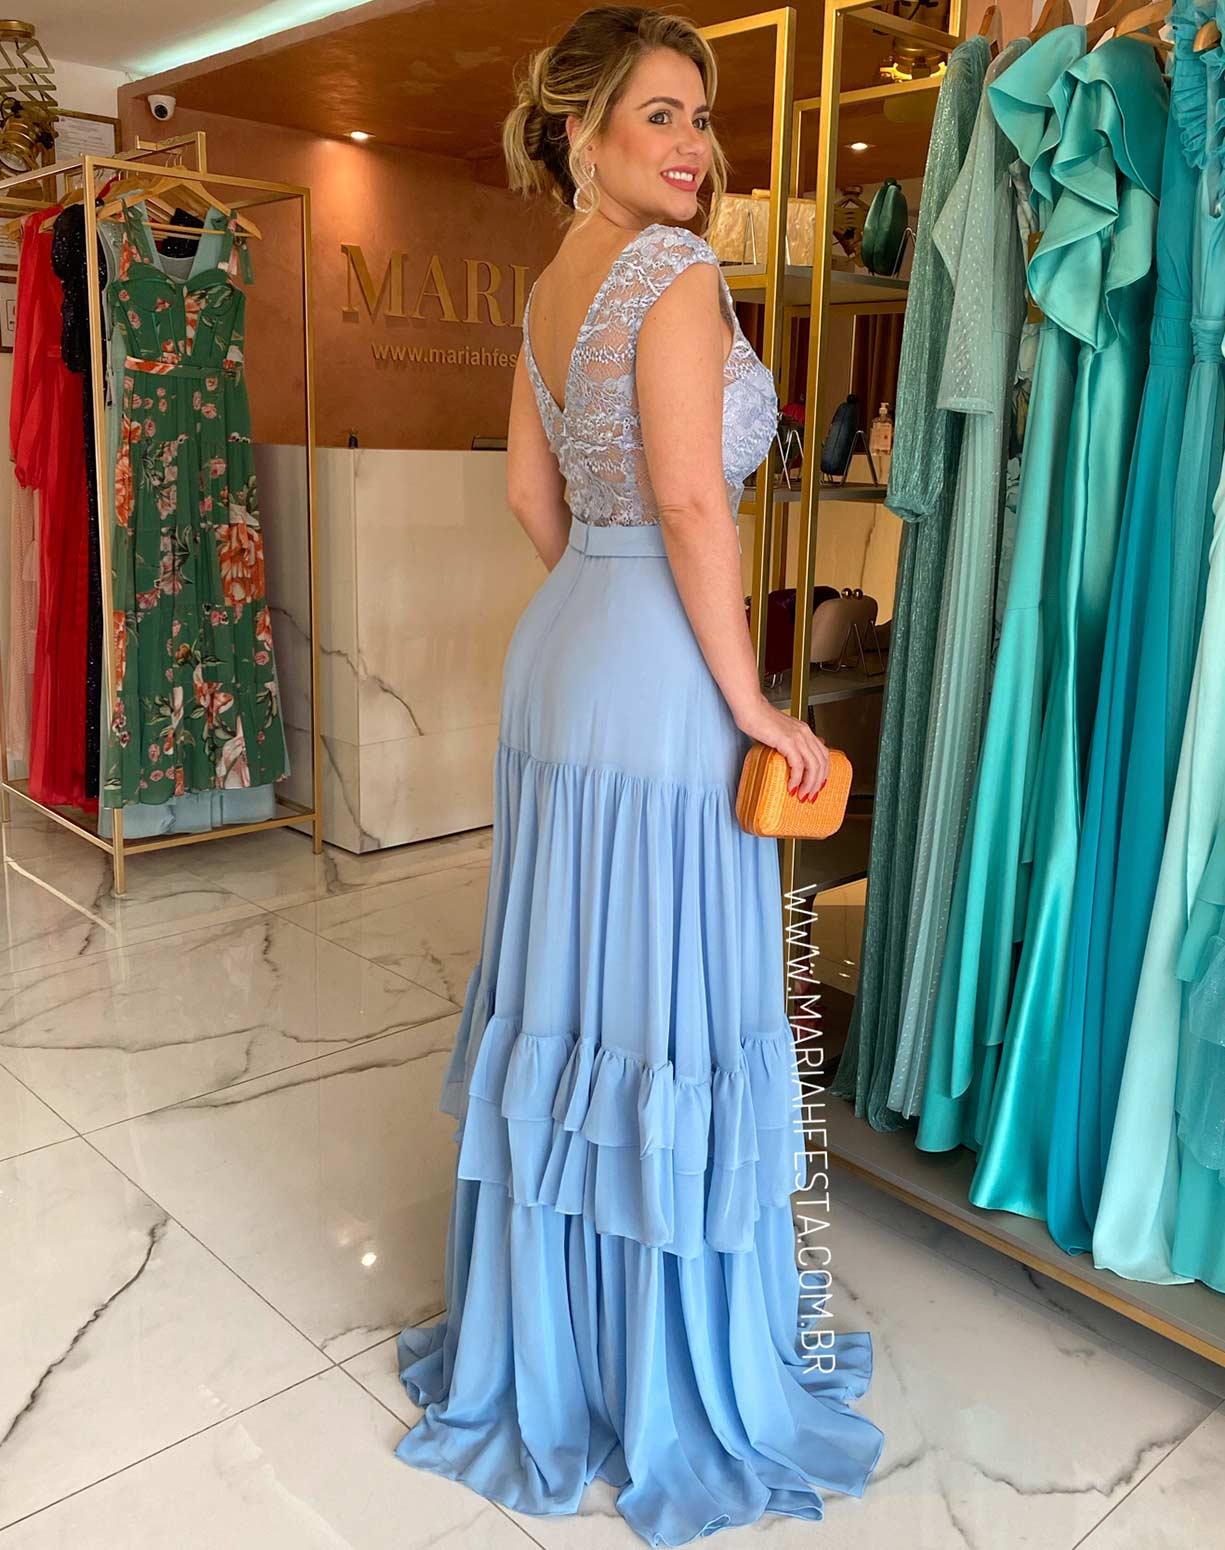 Vestido Azul Serenity com Corpo em Renda e Saia com Camadas